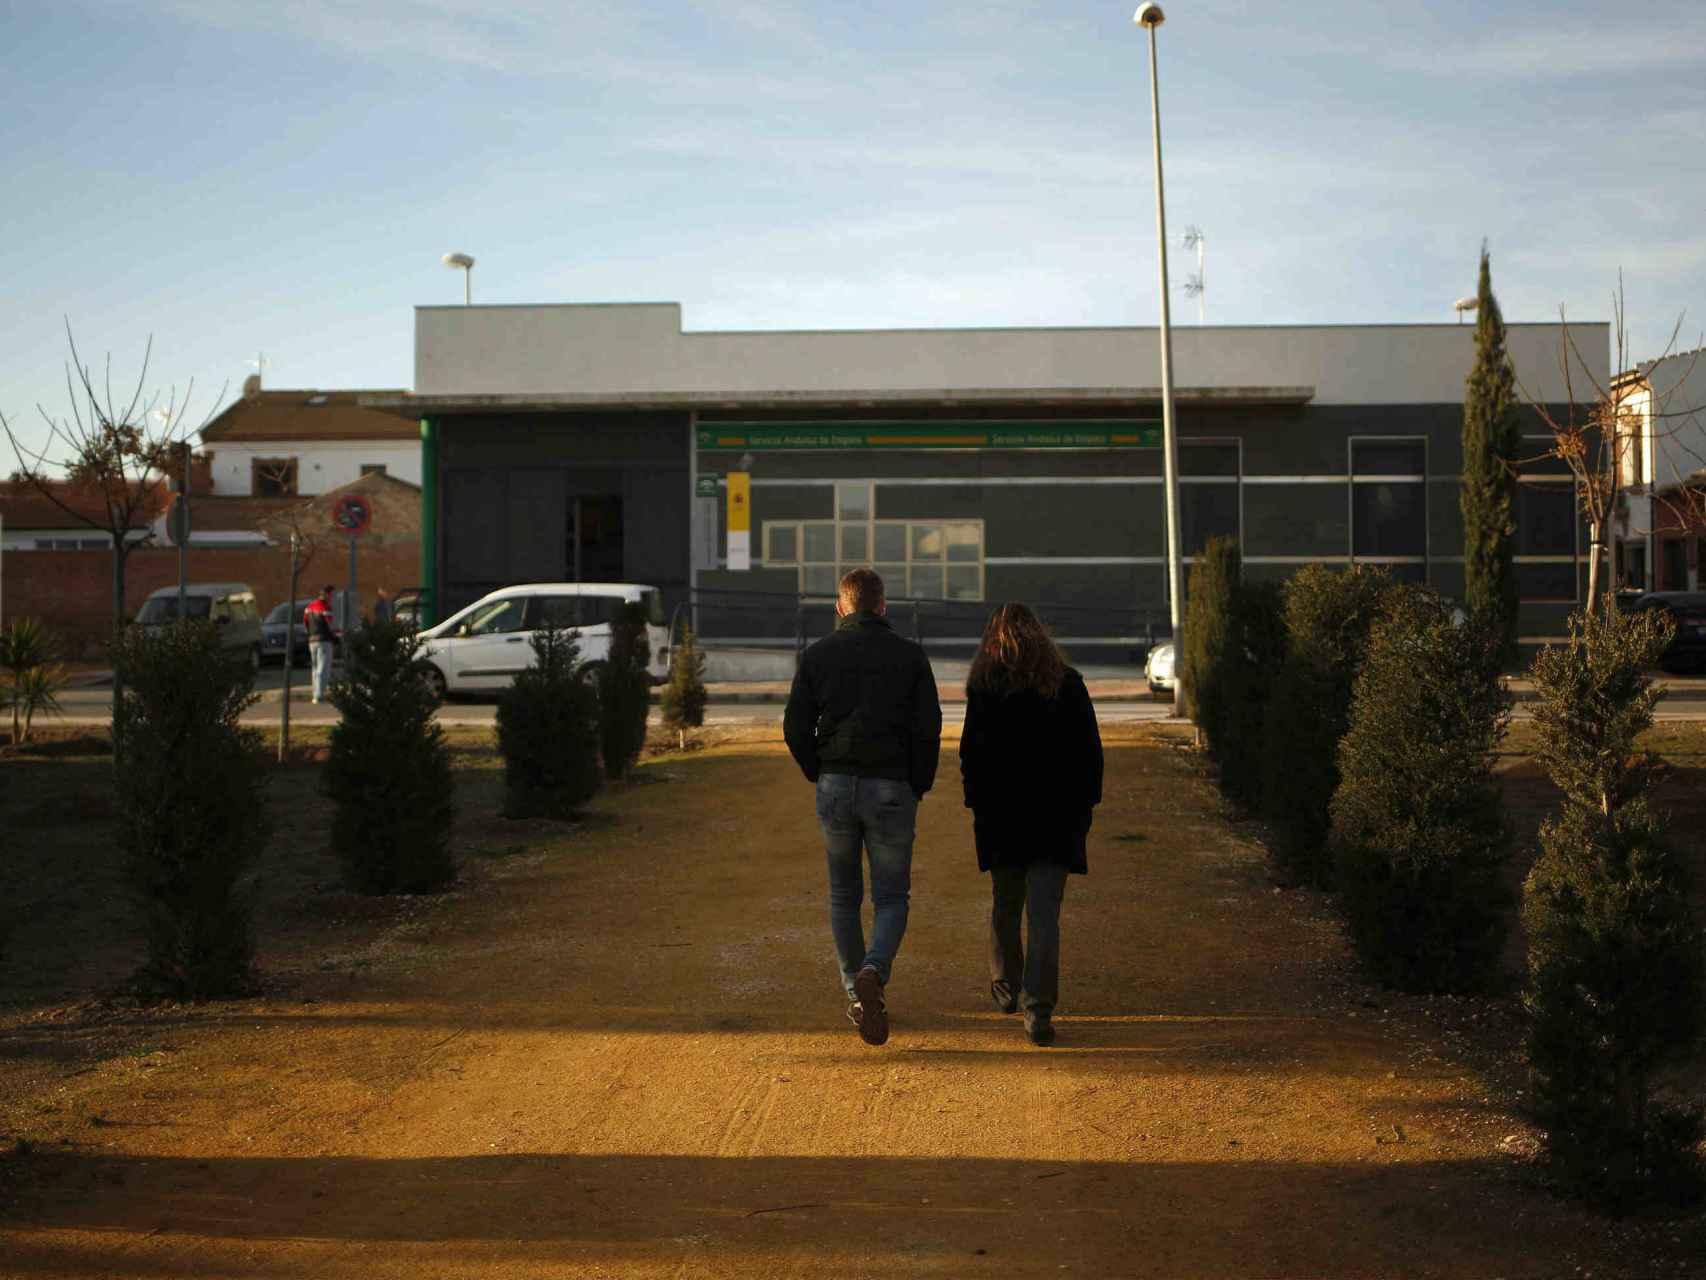 El paro juvenil es uno de los grandes problemas de España